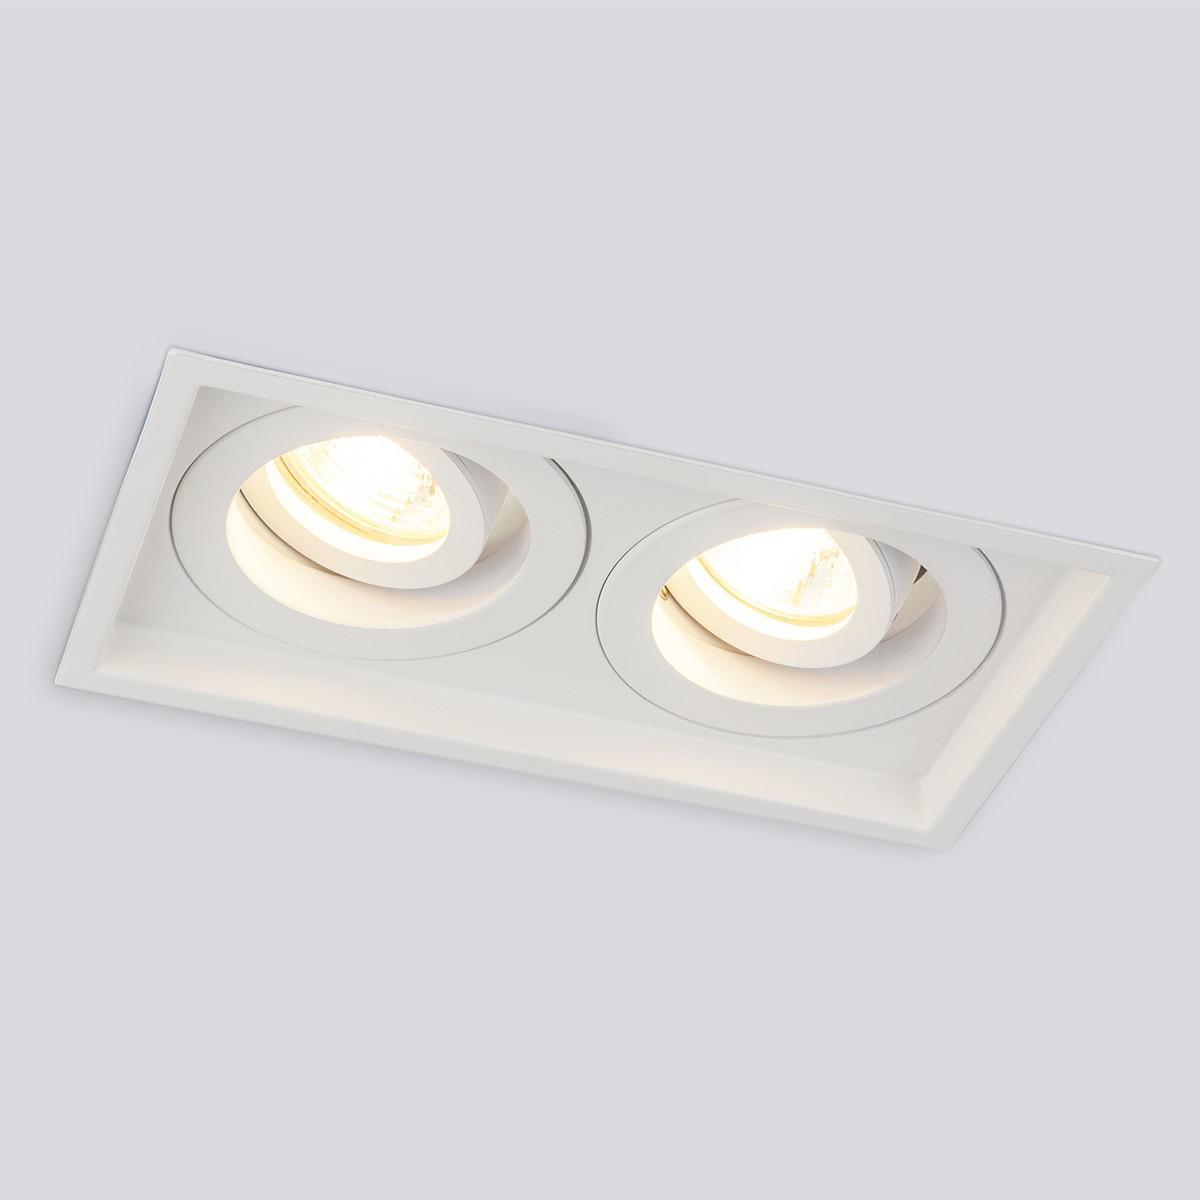 Фото Встраиваемый светильник Elektrostandard 1071 a036504